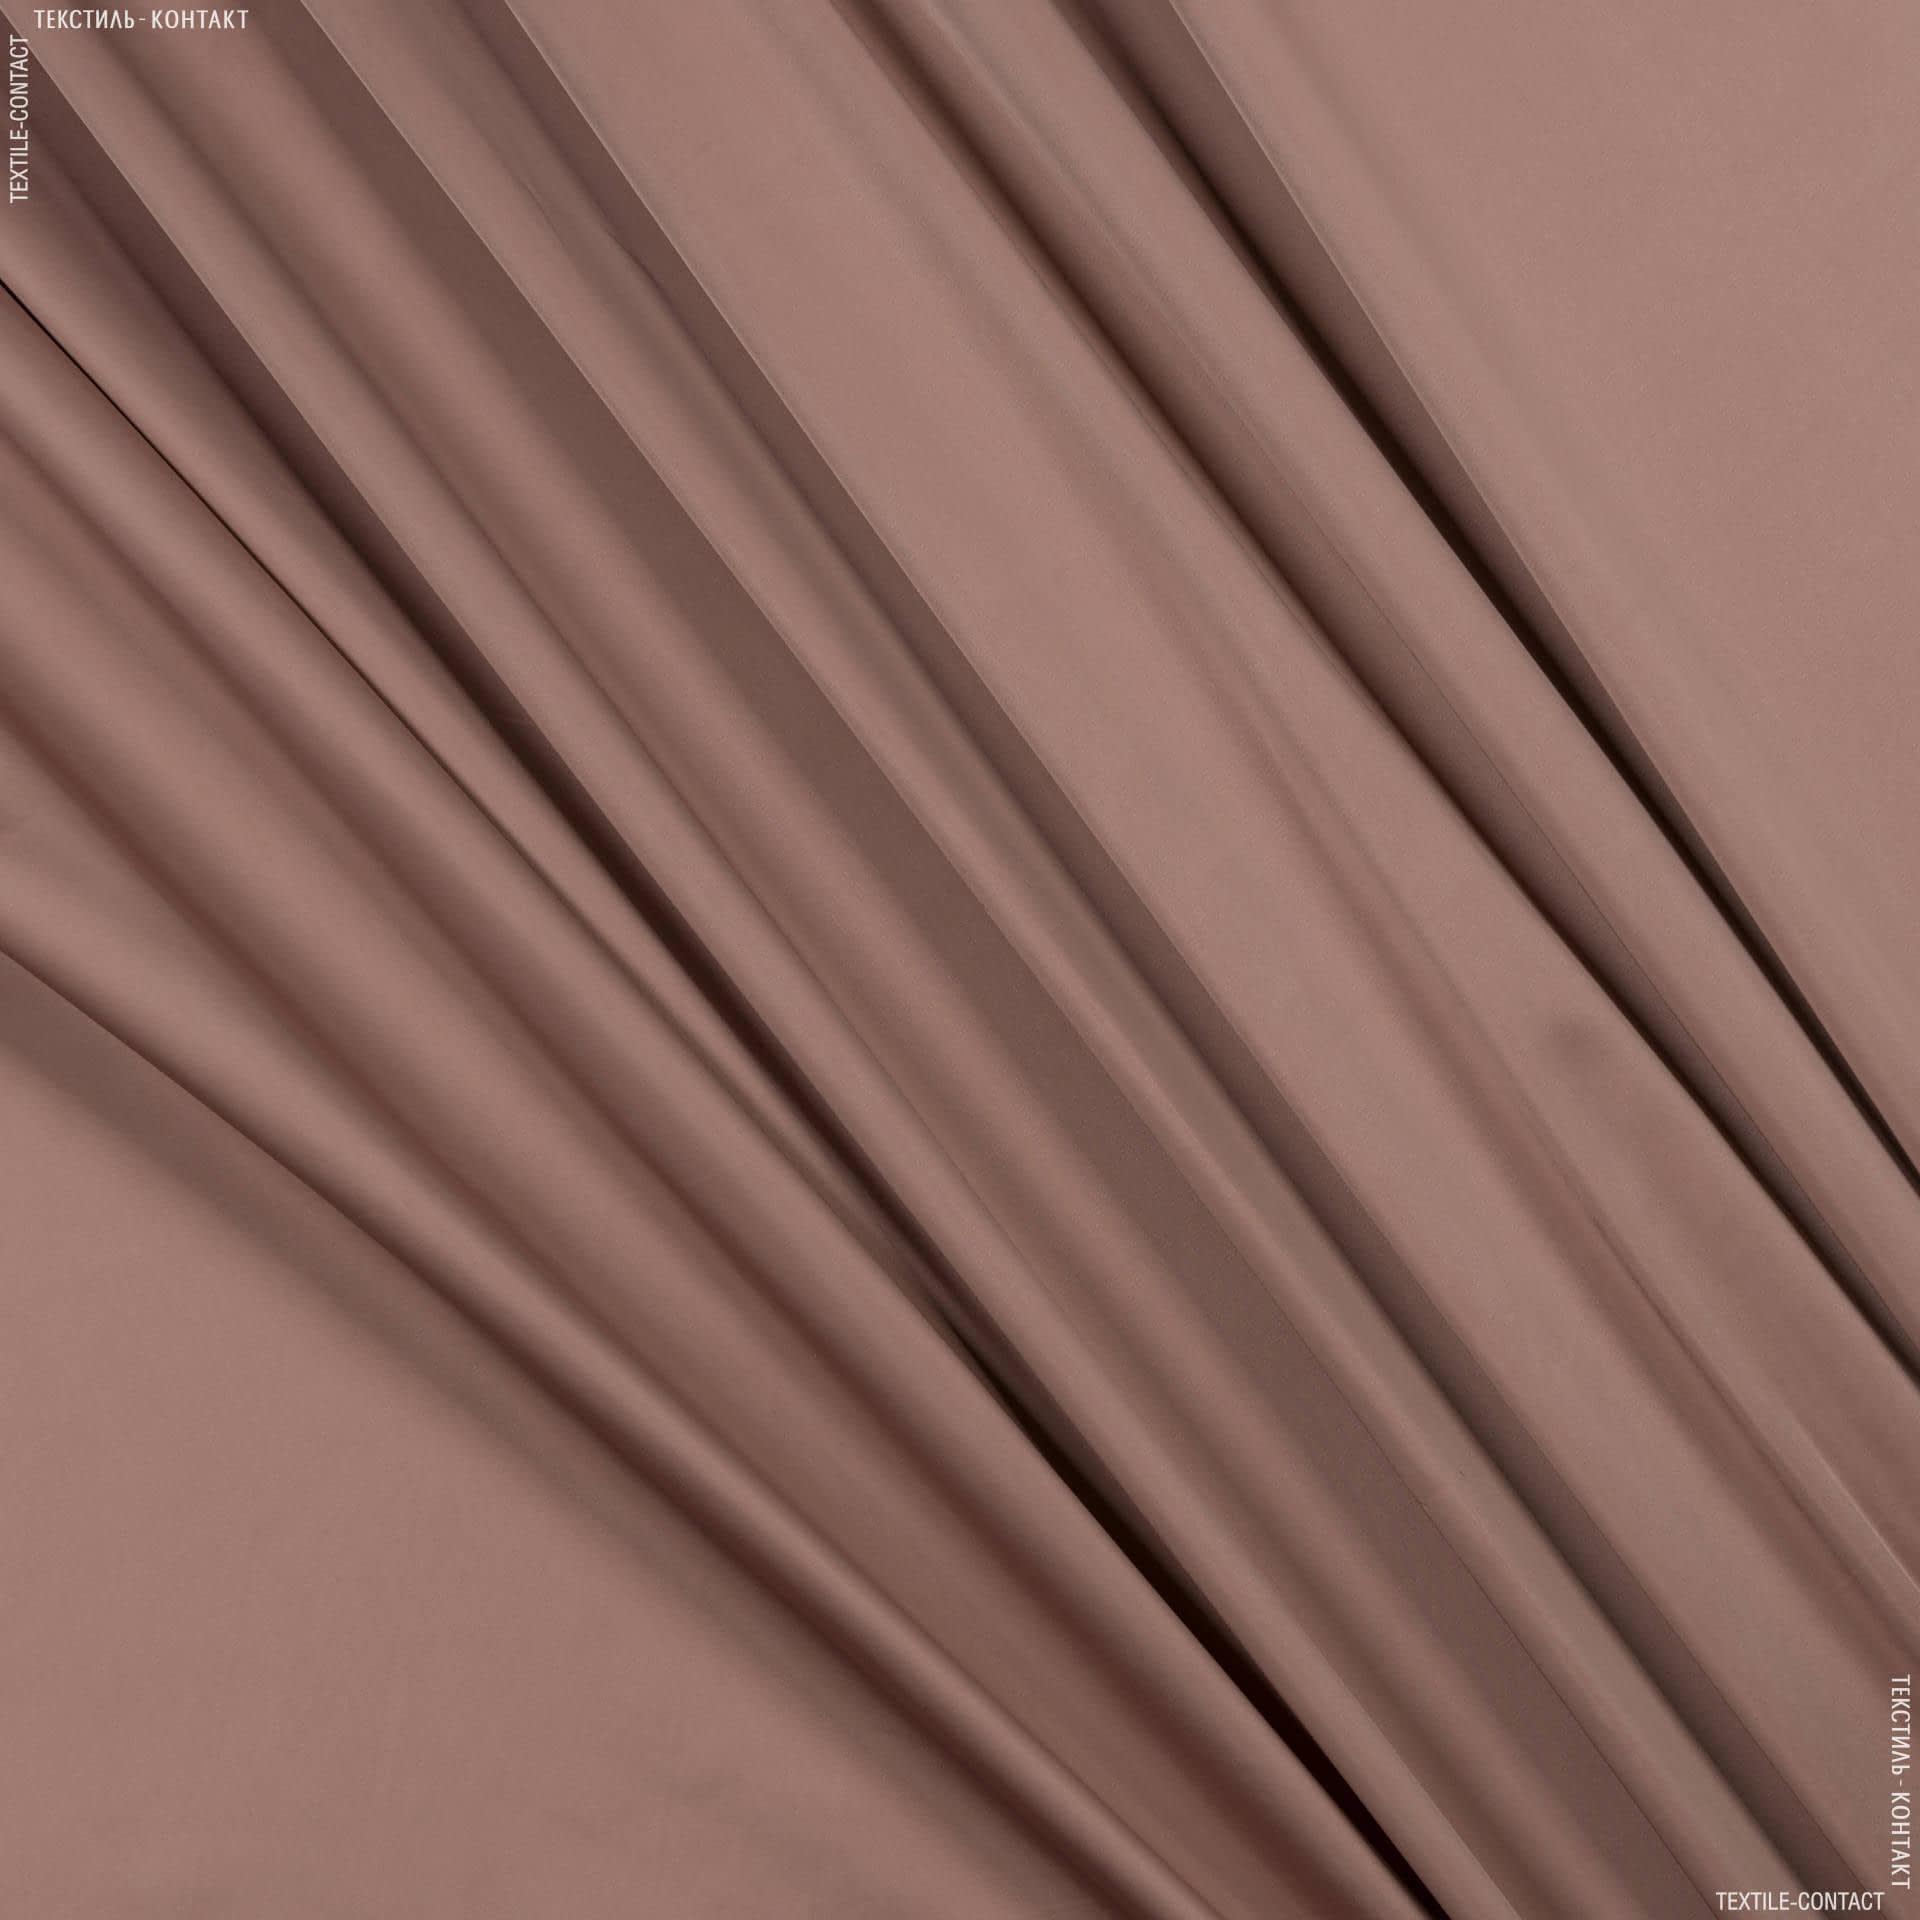 Ткани для верхней одежды - Плащевая глация какао